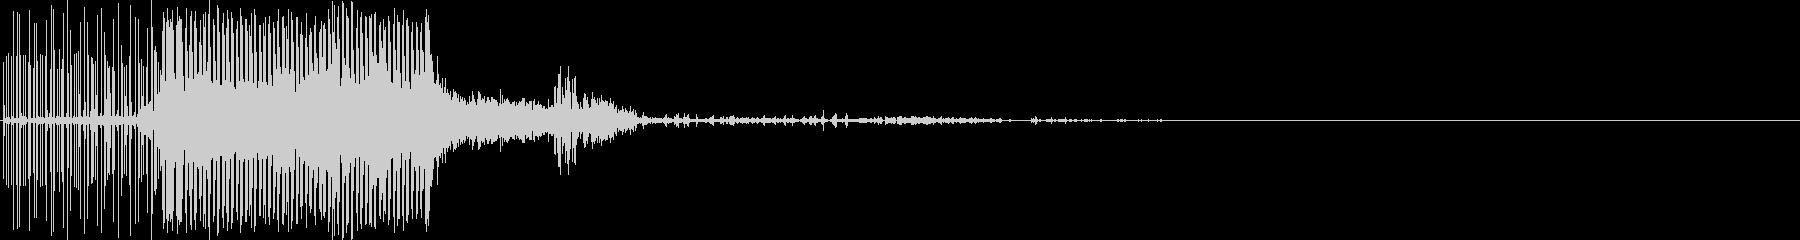 電気の音(雷の魔法・電撃)の未再生の波形